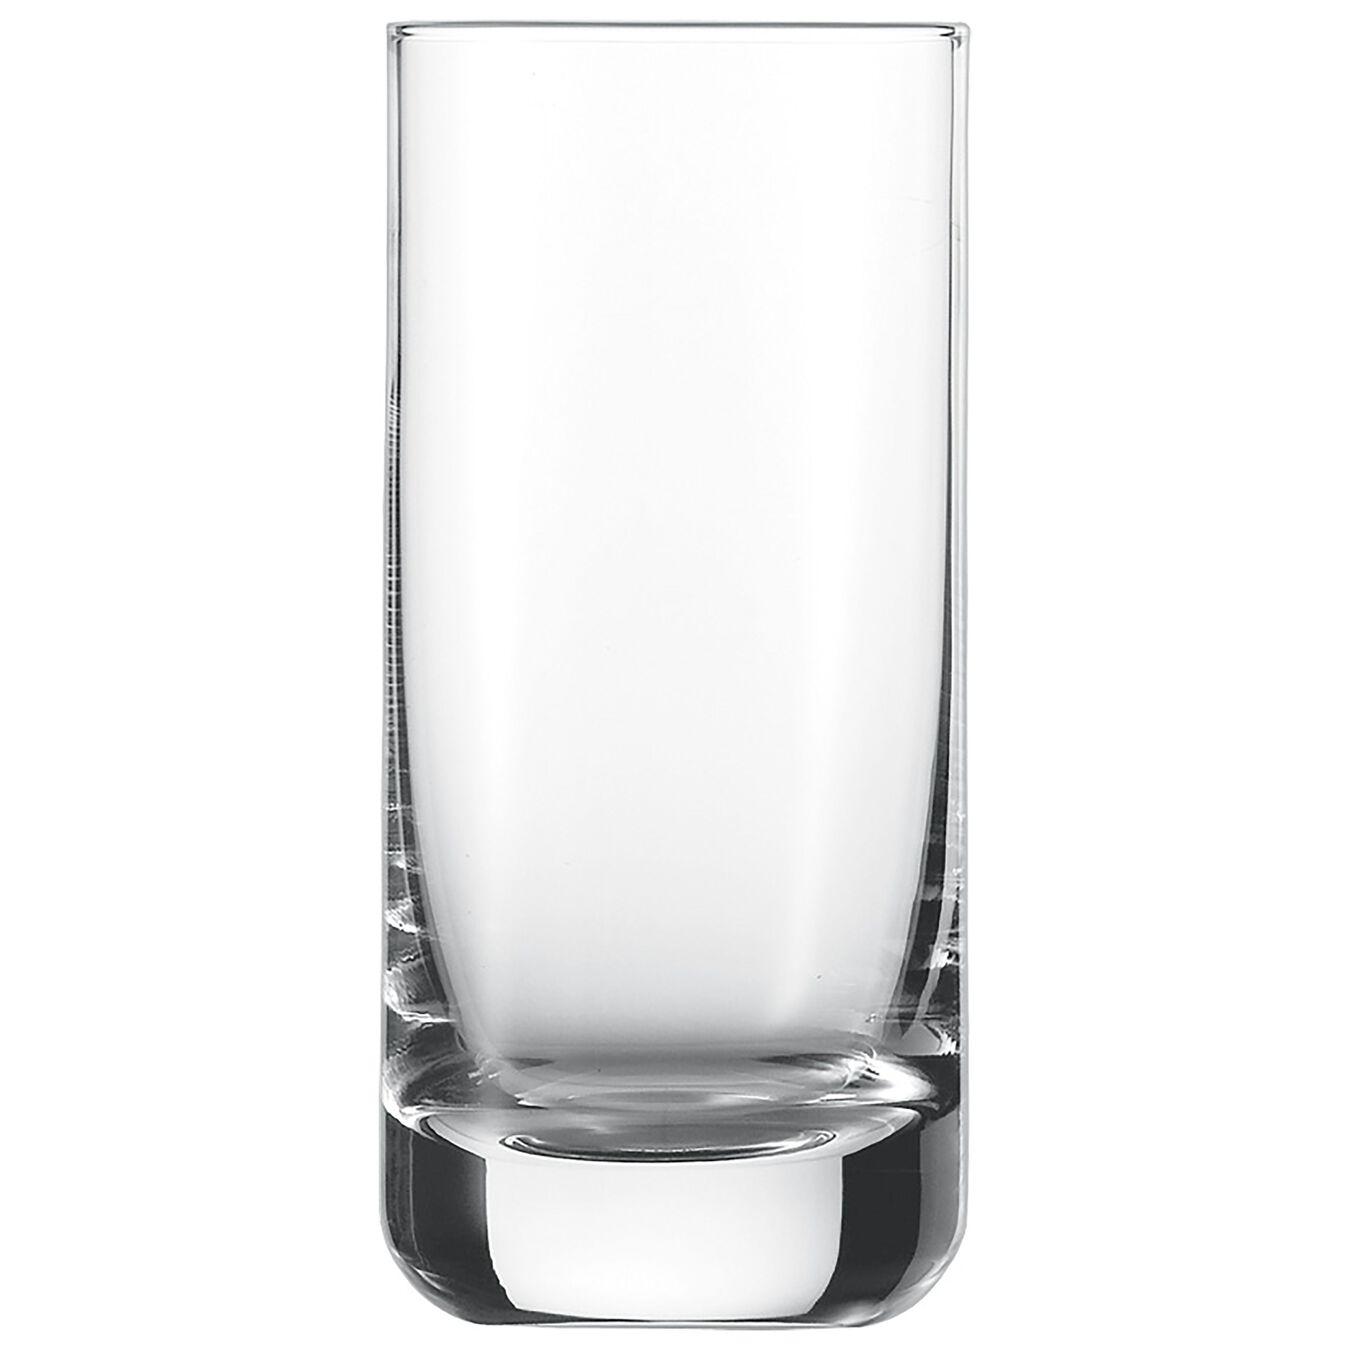 Bira Bardağı | 340 ml,,large 1